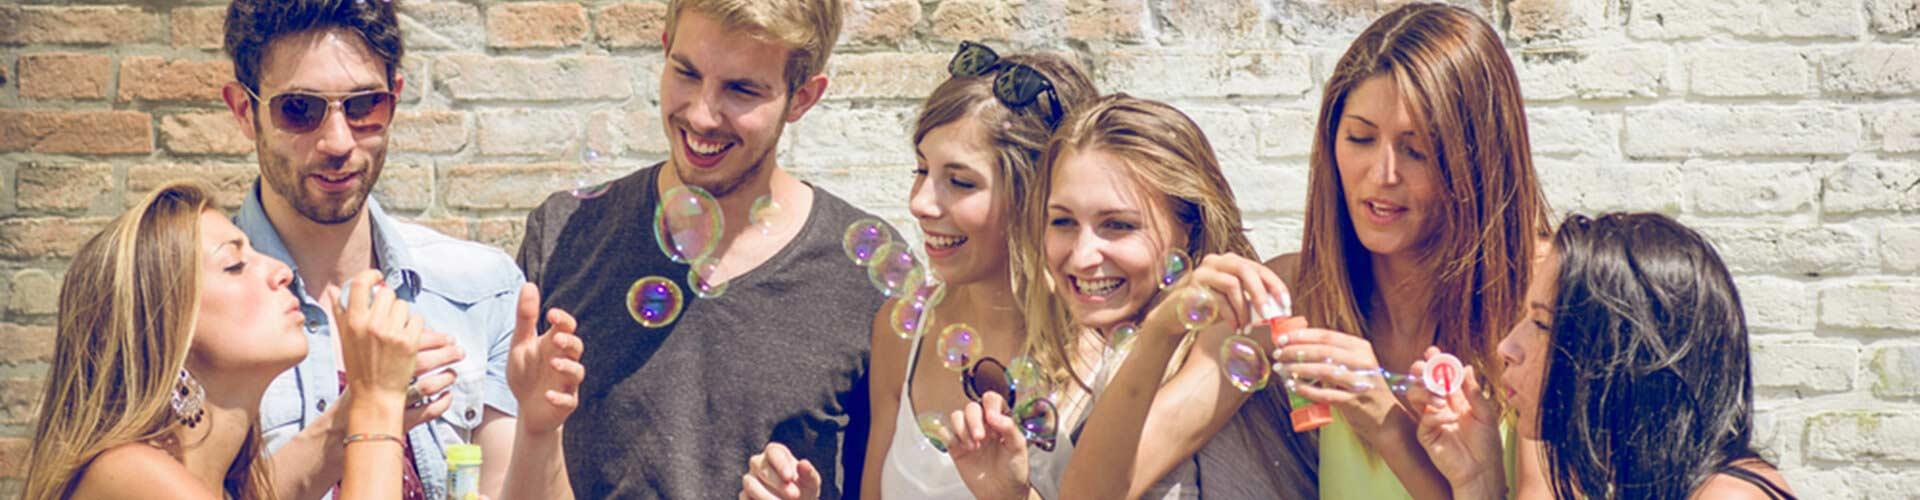 Hostely.com hostelů po celém světě